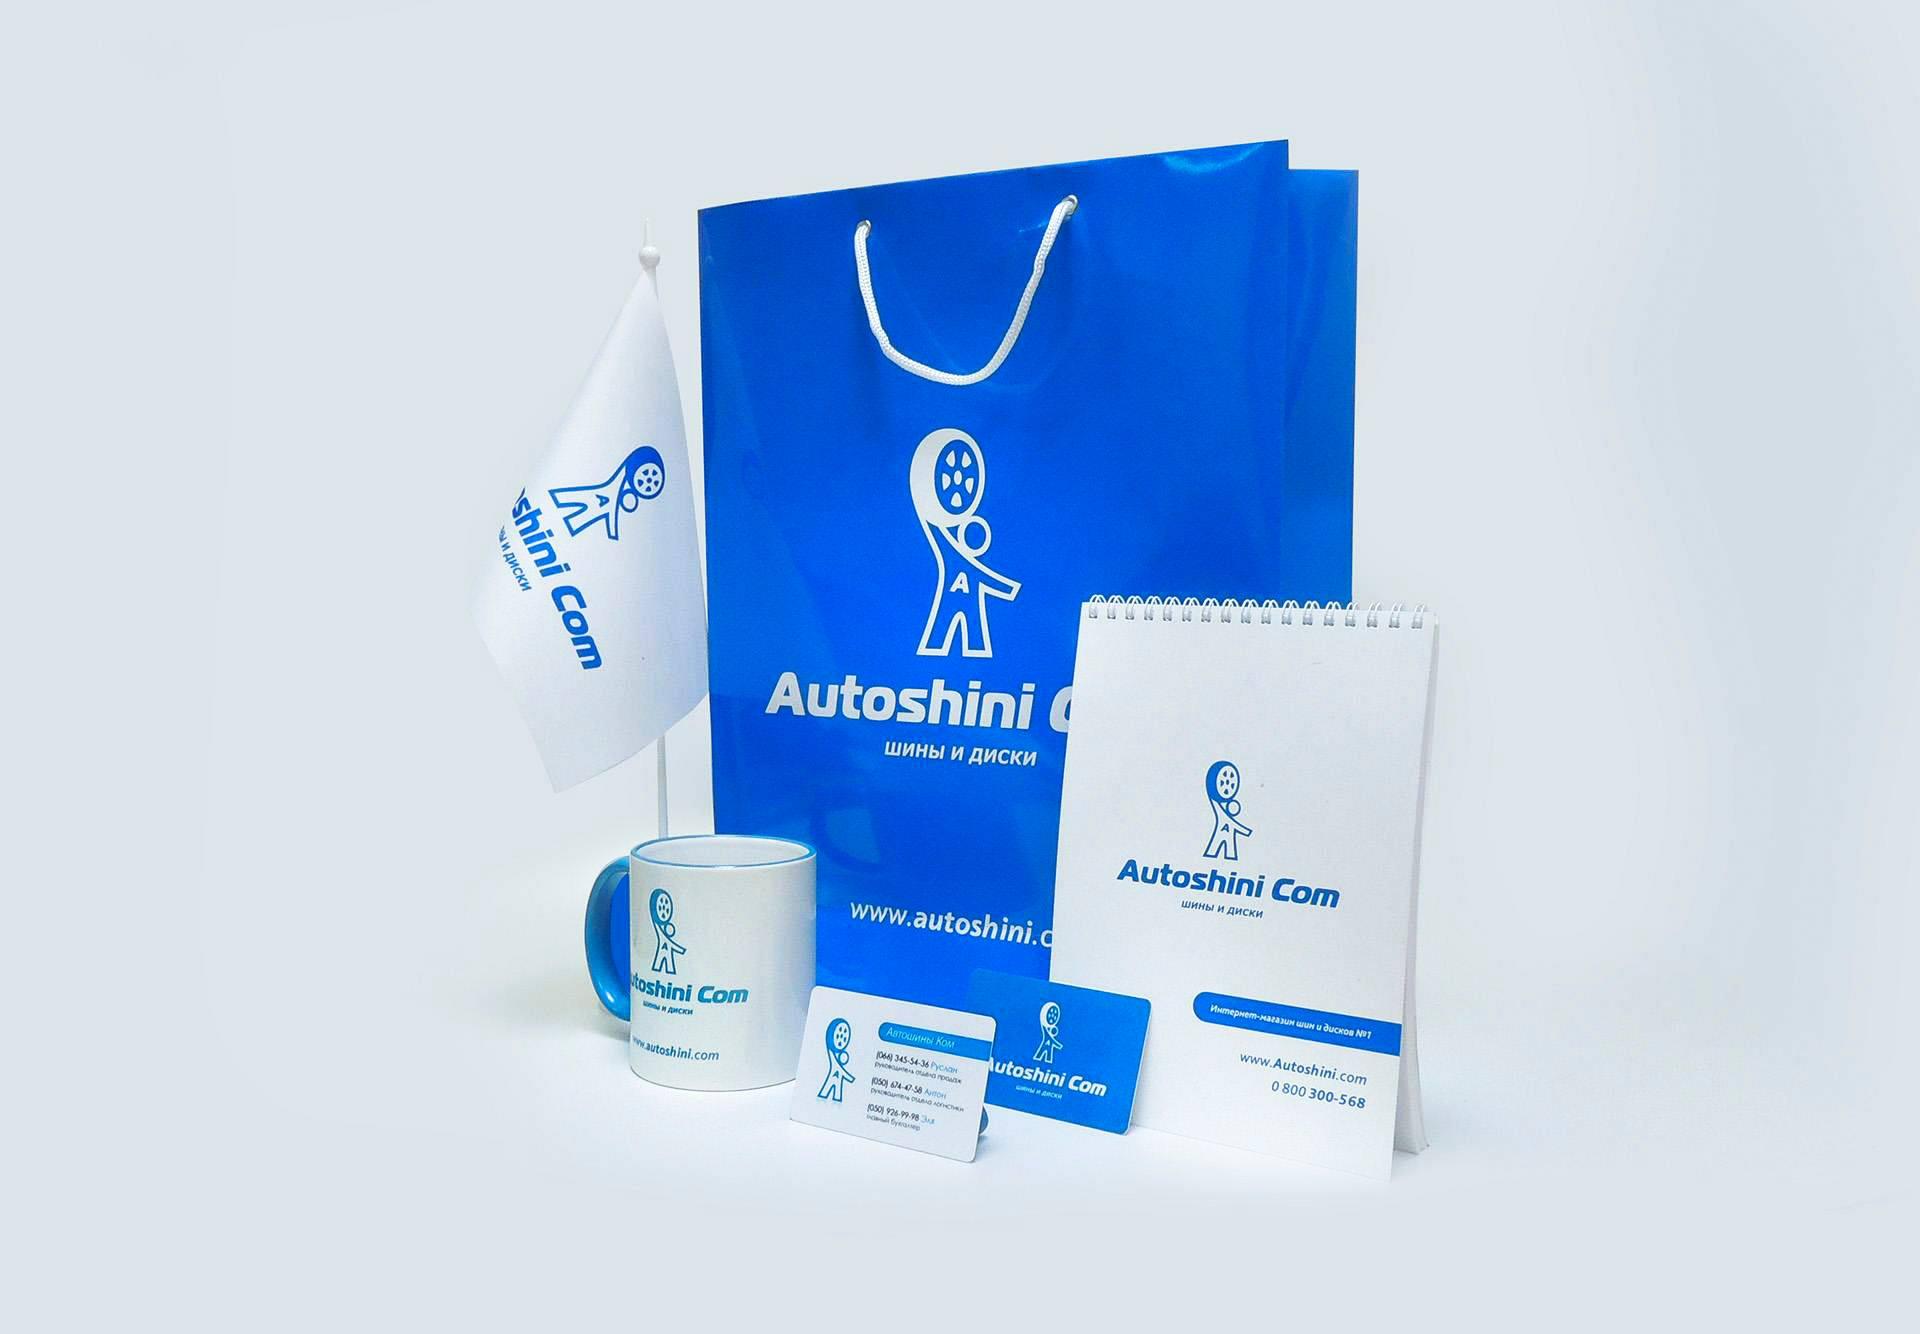 tyresales logo, продажа автомобильных шин брендбук